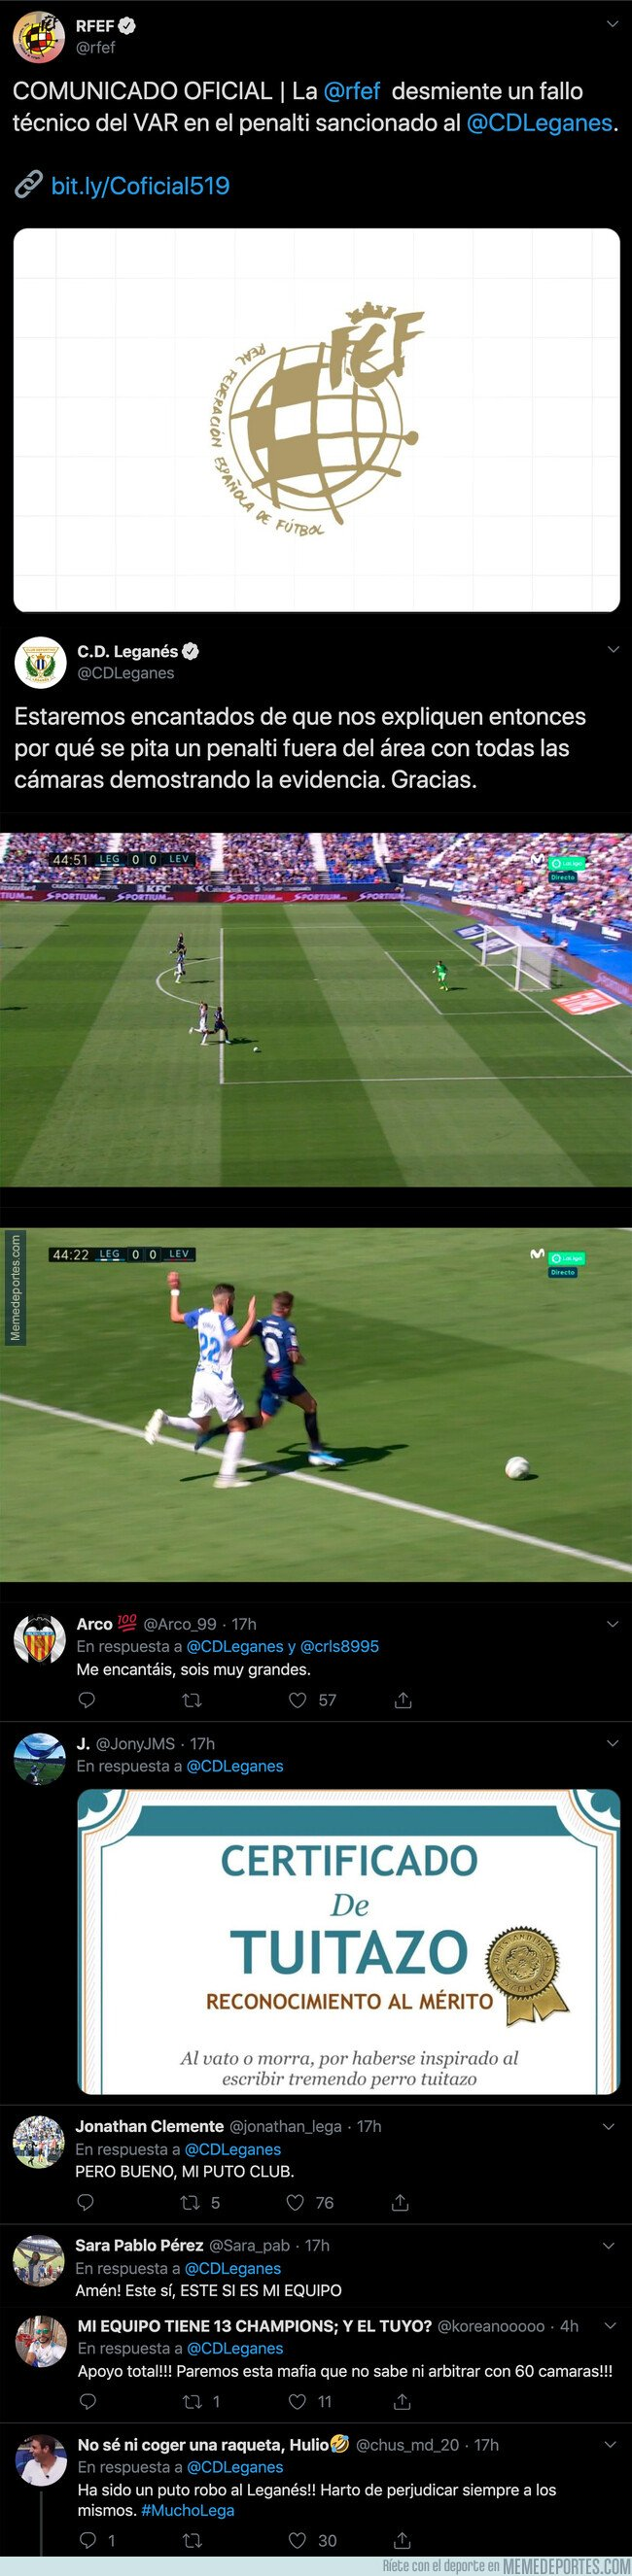 1087738 - El Leganés le ha pegado un hachazo espectacular a la Liga por pitarles un penalti fuera del área